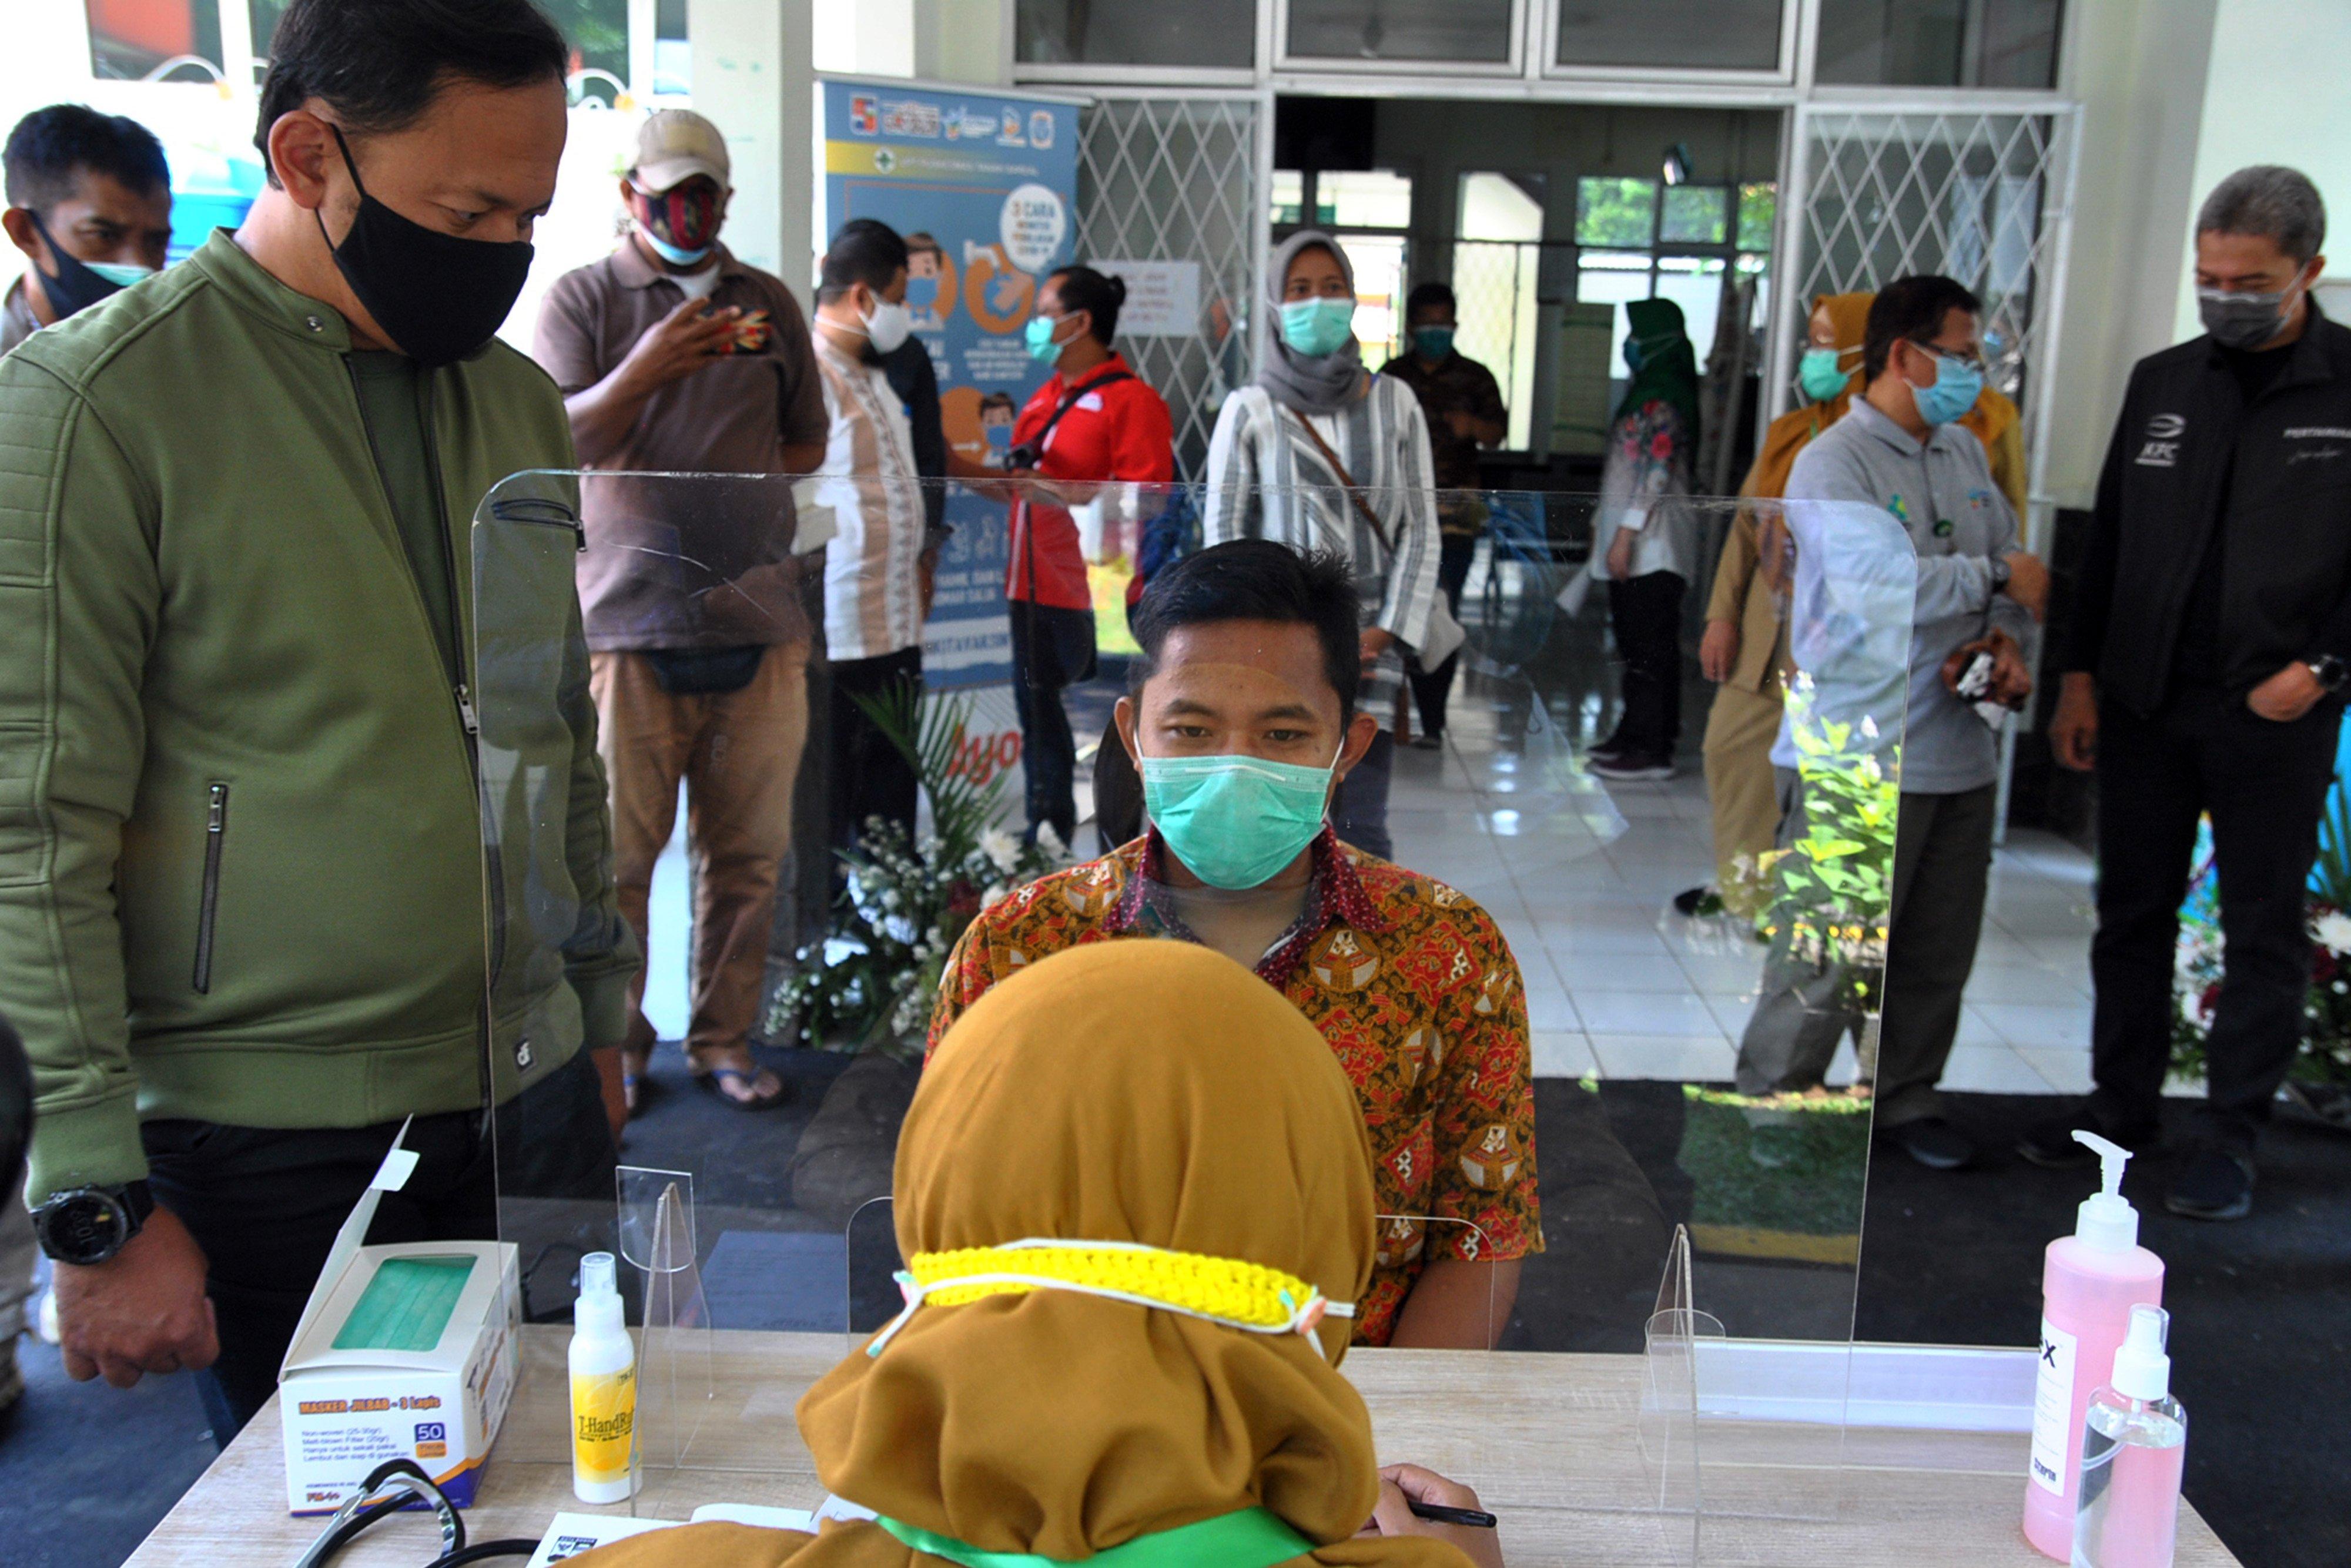 Wali Kota Bogor Bima Arya (kiri) melihat proses simulasi ujicoba vaksinasi COVID-19 di Puskesmas Tanah Sareal, Kota Bogor, Jawa Barat, Minggu (4/10/2020). Simulasi di puskesmas tersebut dilakukan setelah ditunjuk Kementerian Kesehatan sebagai salah satu lokasi pelaksanaan ujicoba vaksinasi COVID-19 dengan memastikan kesiapan mulai dari alur proses vaksinasi, tenaga kesehatan, observasi, penerapan protokol kesehatan dan jalur khusus ke Kejadian Ikutan Pasca Imunisasi (KIPI). \r\n